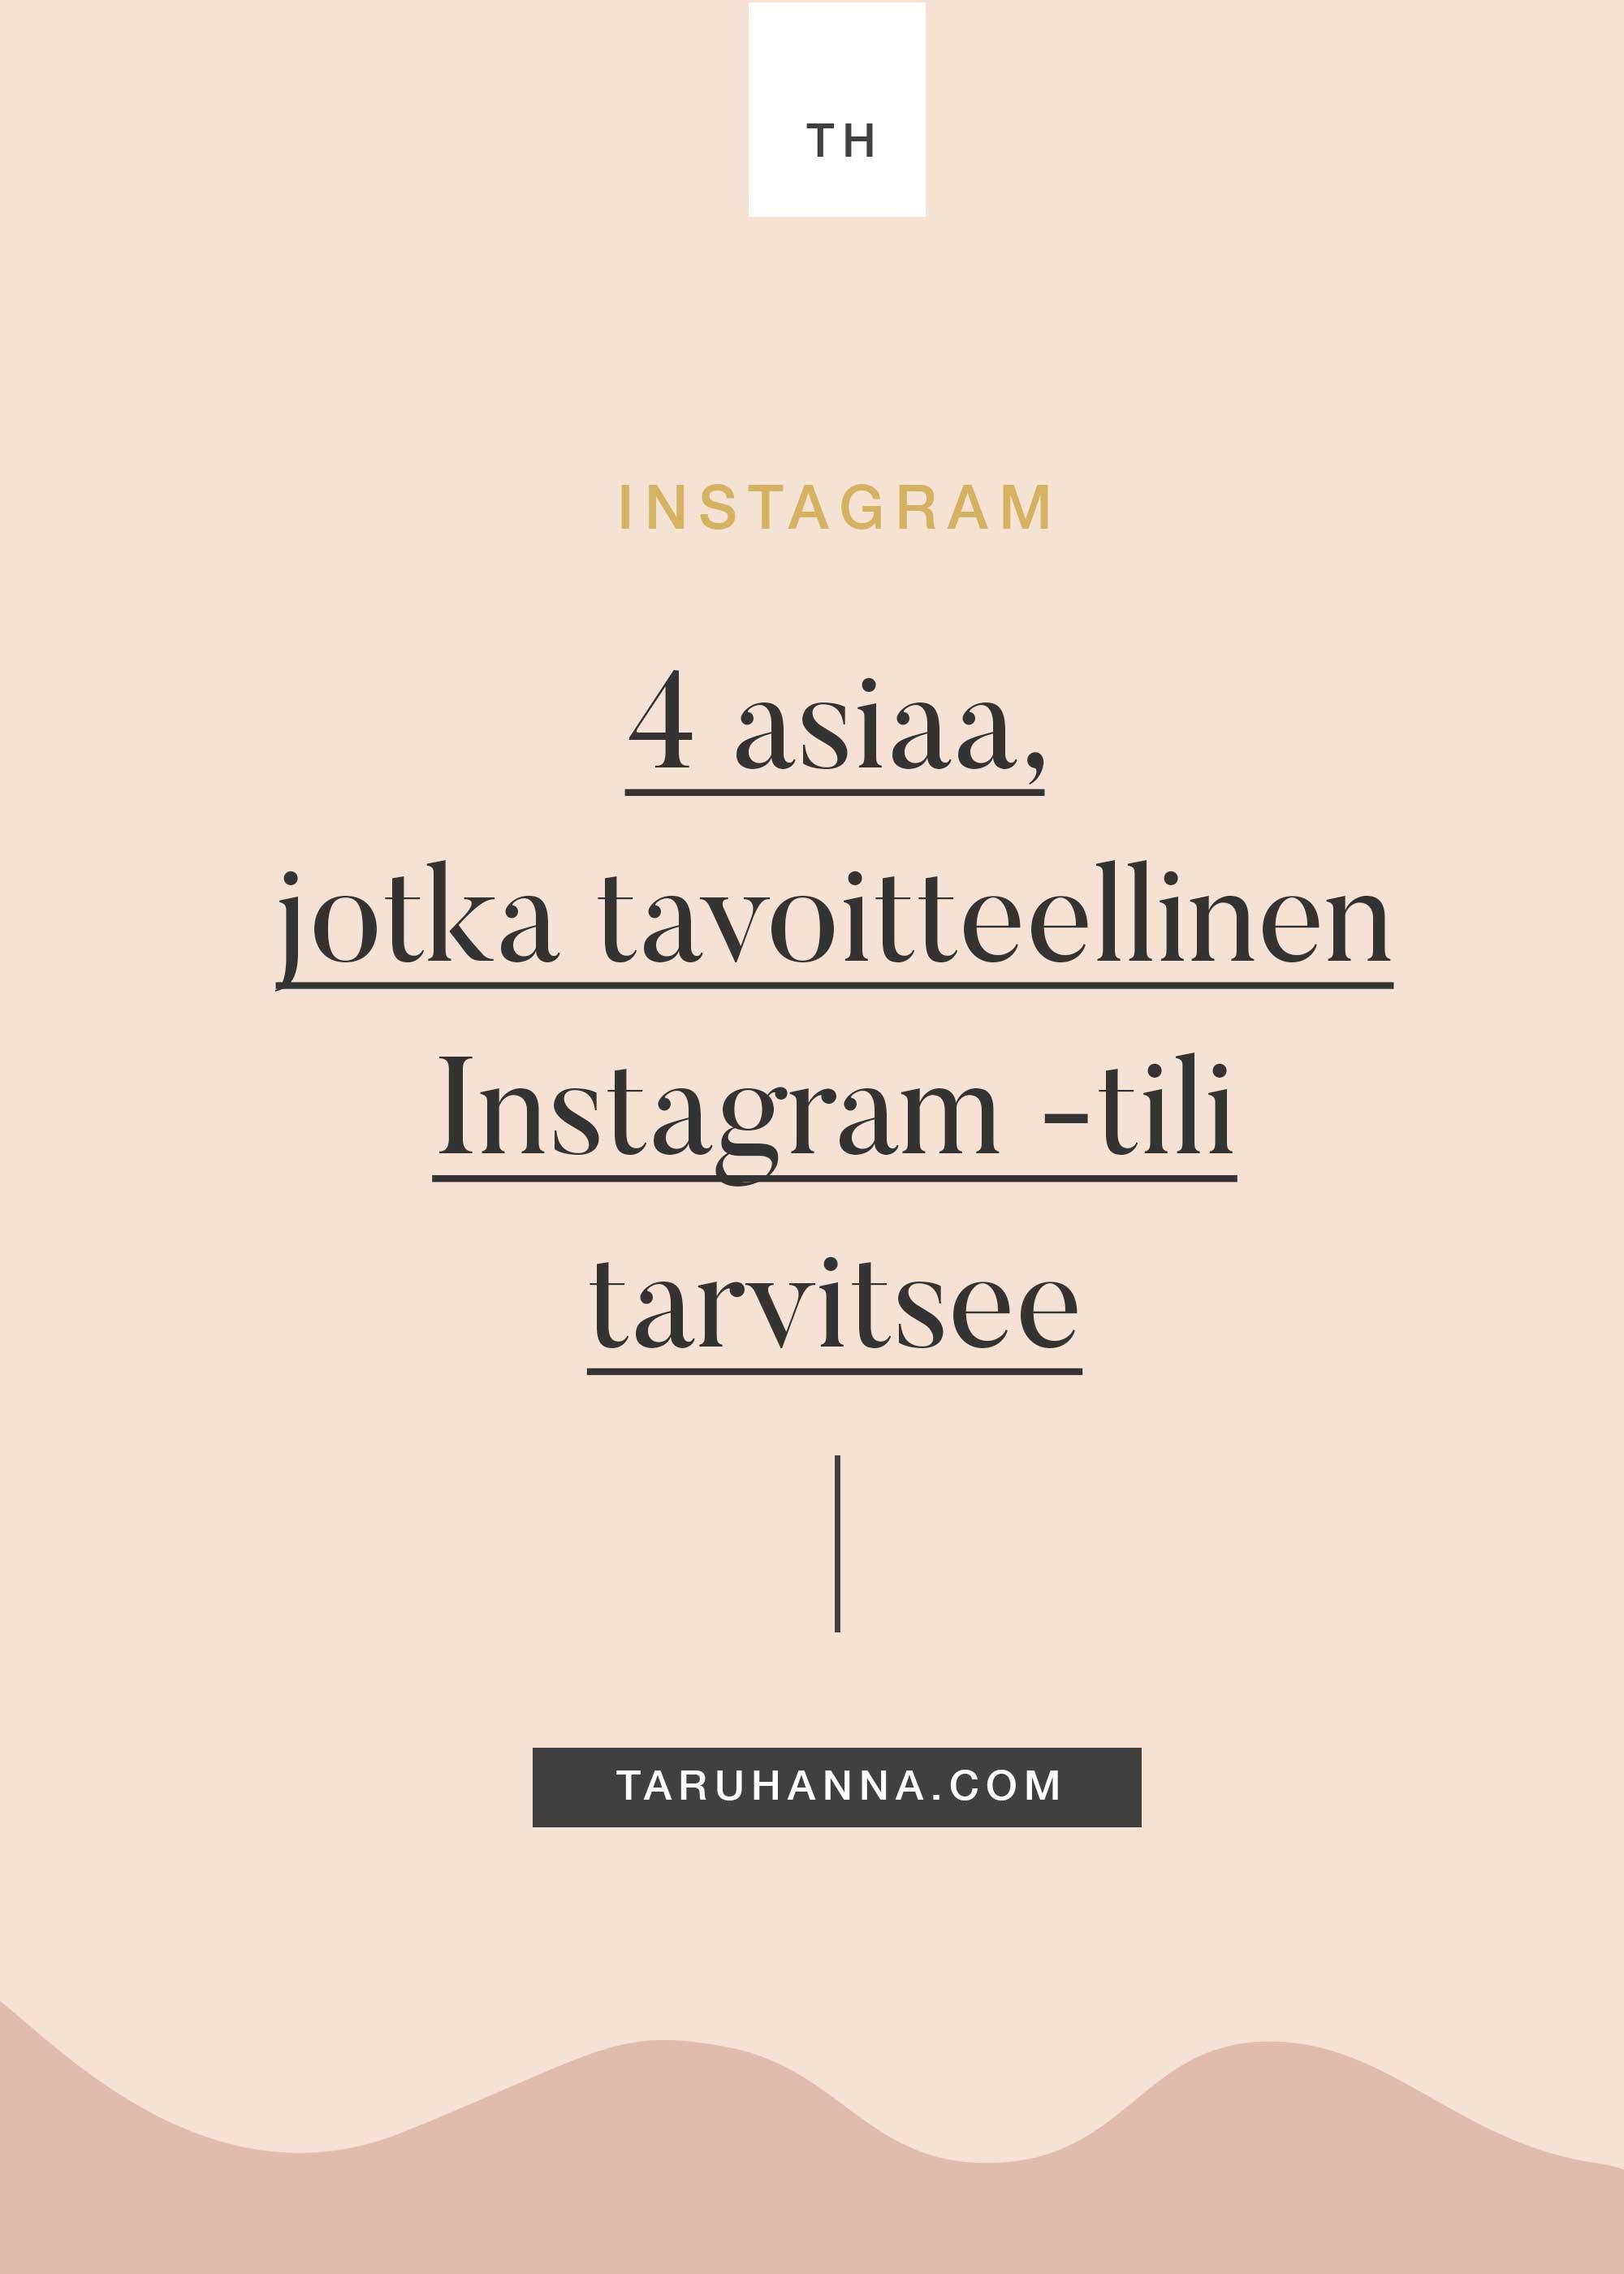 4 asiaa, jotka tavoitteellinen Instagram -tili tarvitsee